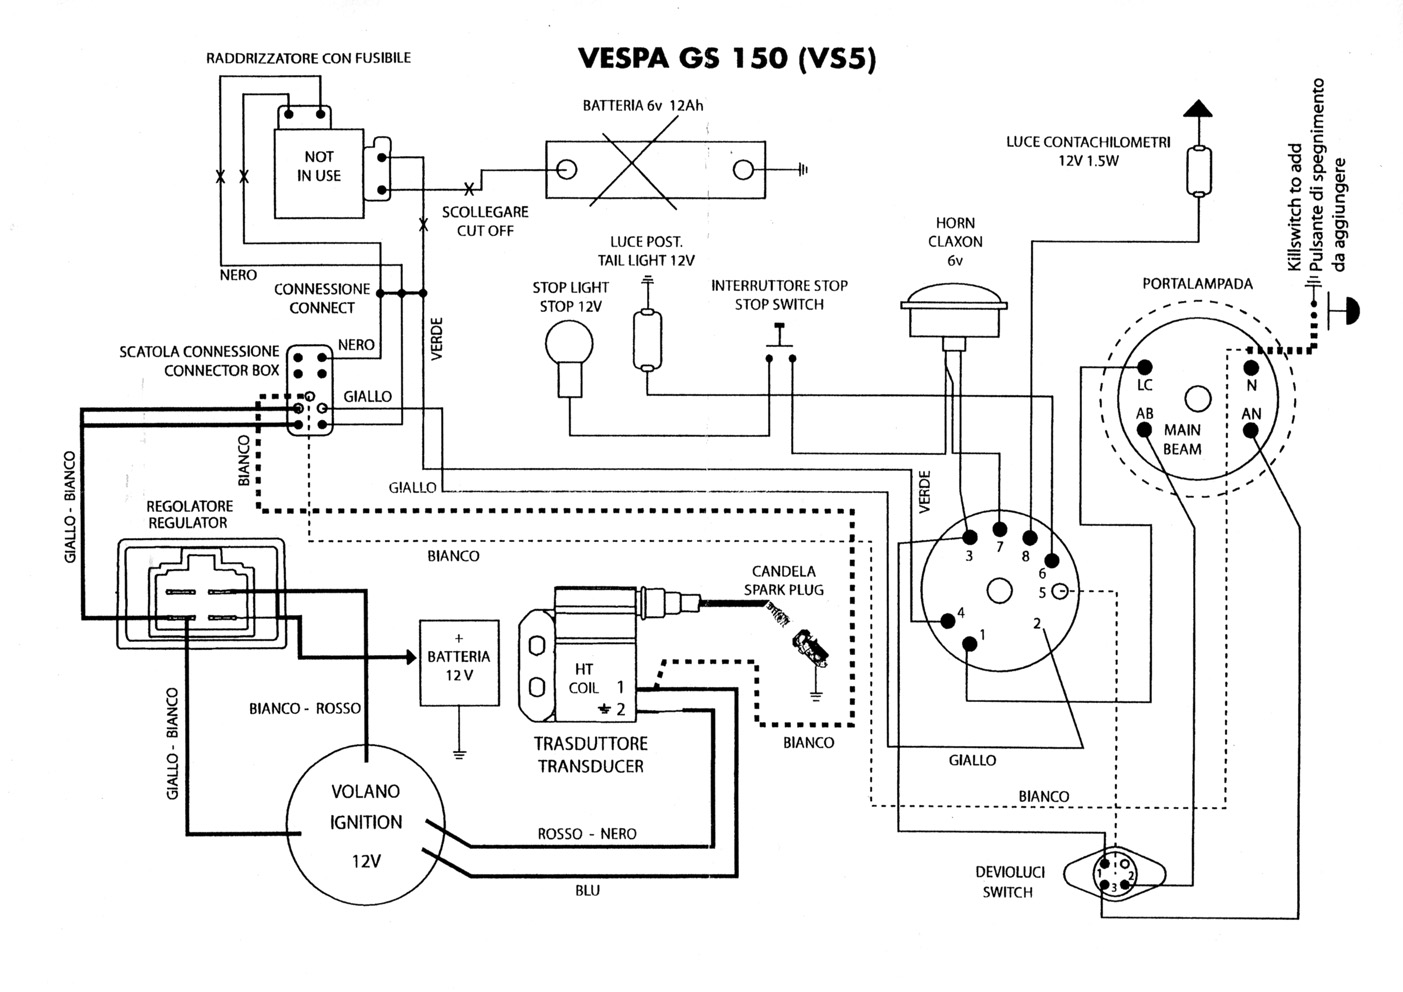 vespa gs 150 mit flytech  conversionbaum